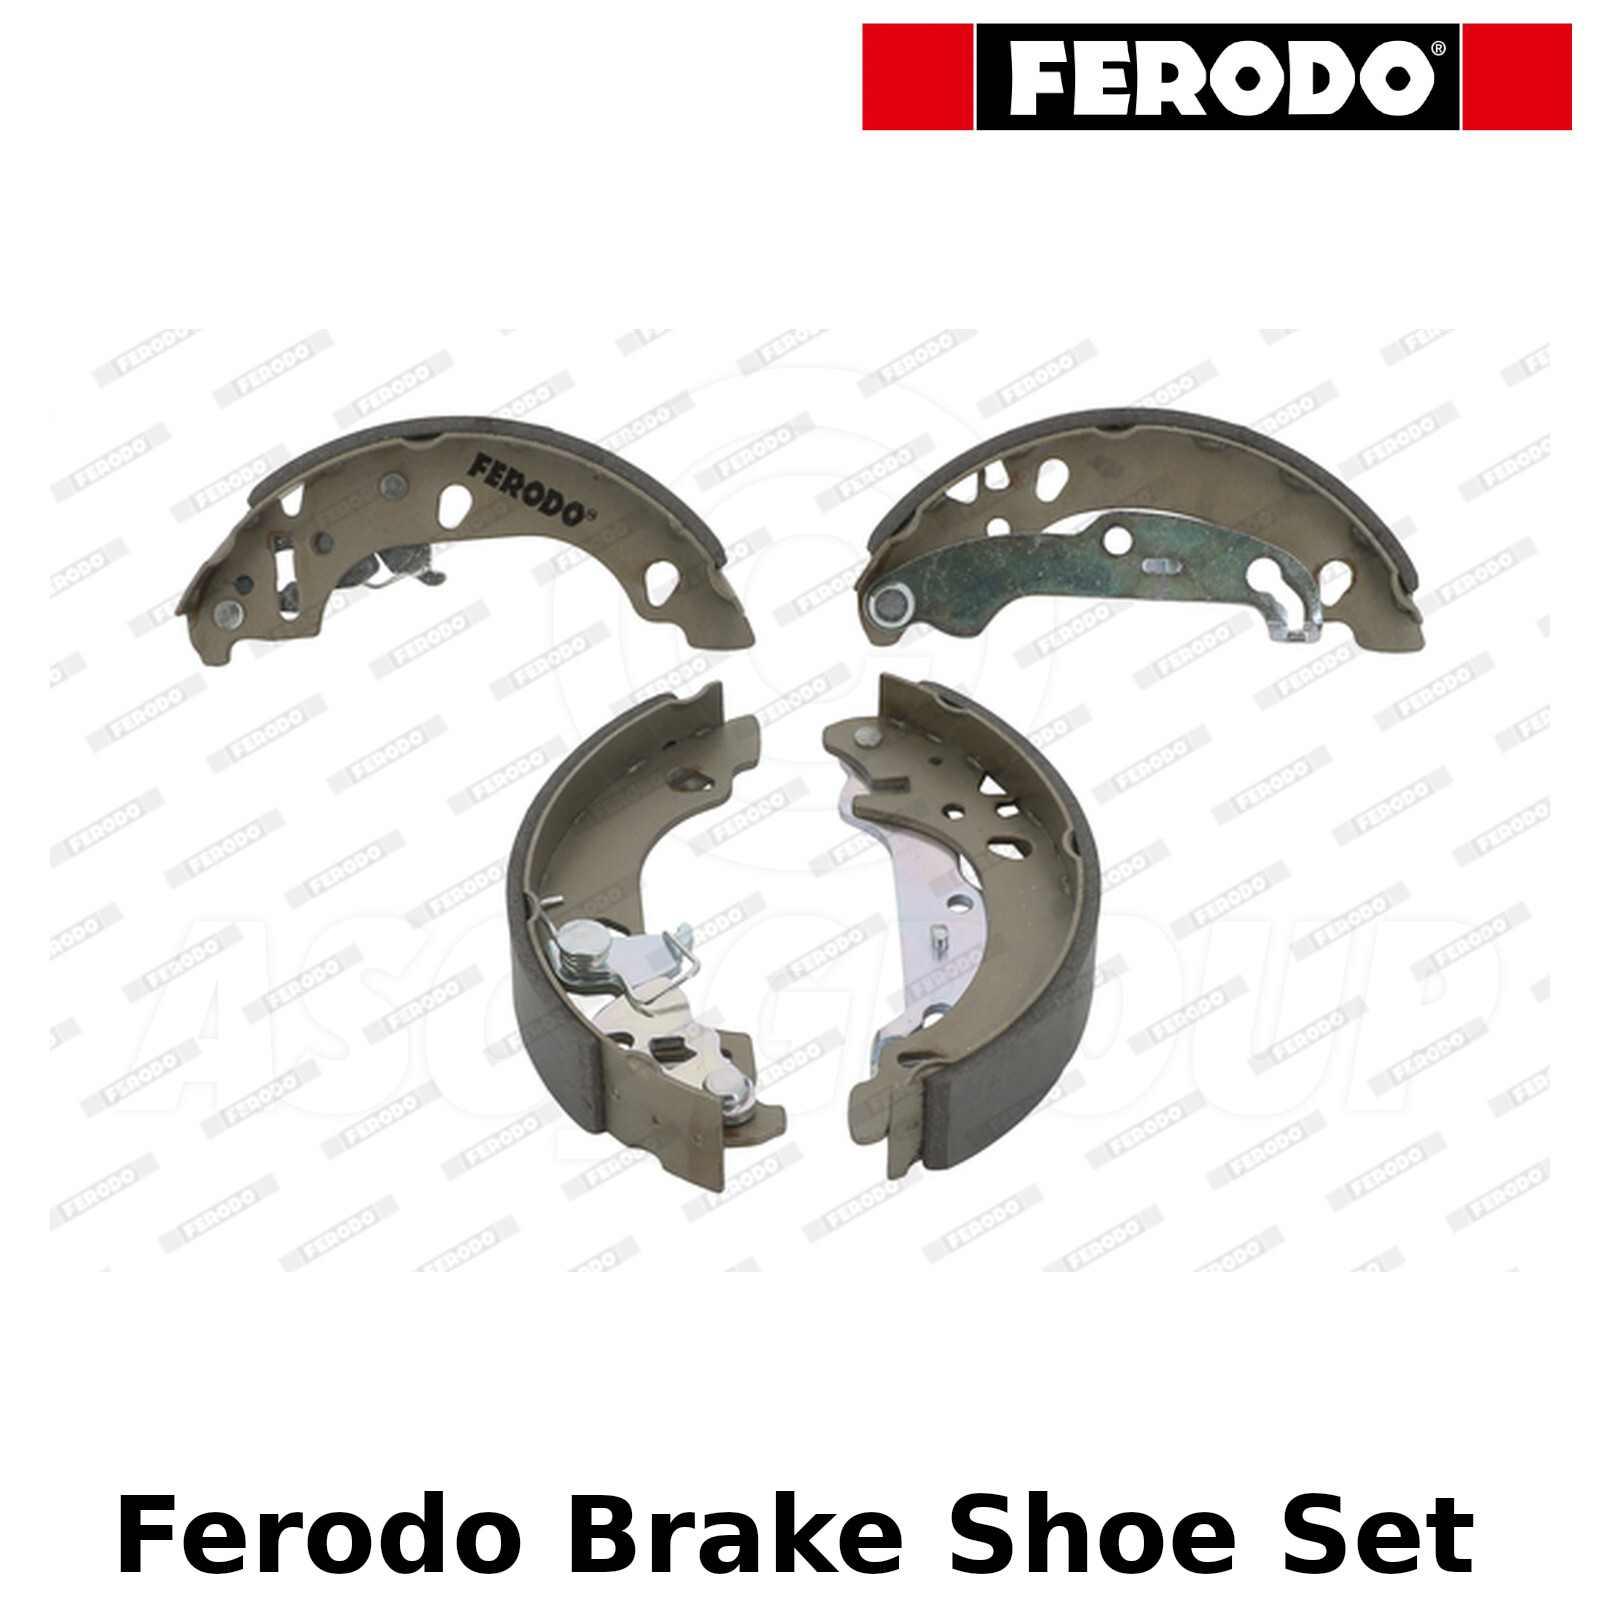 Rear Delphi brake shoes for Drums FORD FIESTA 1.0i 1.25i 16 V 1.3i 1.4i 16 V 1.6